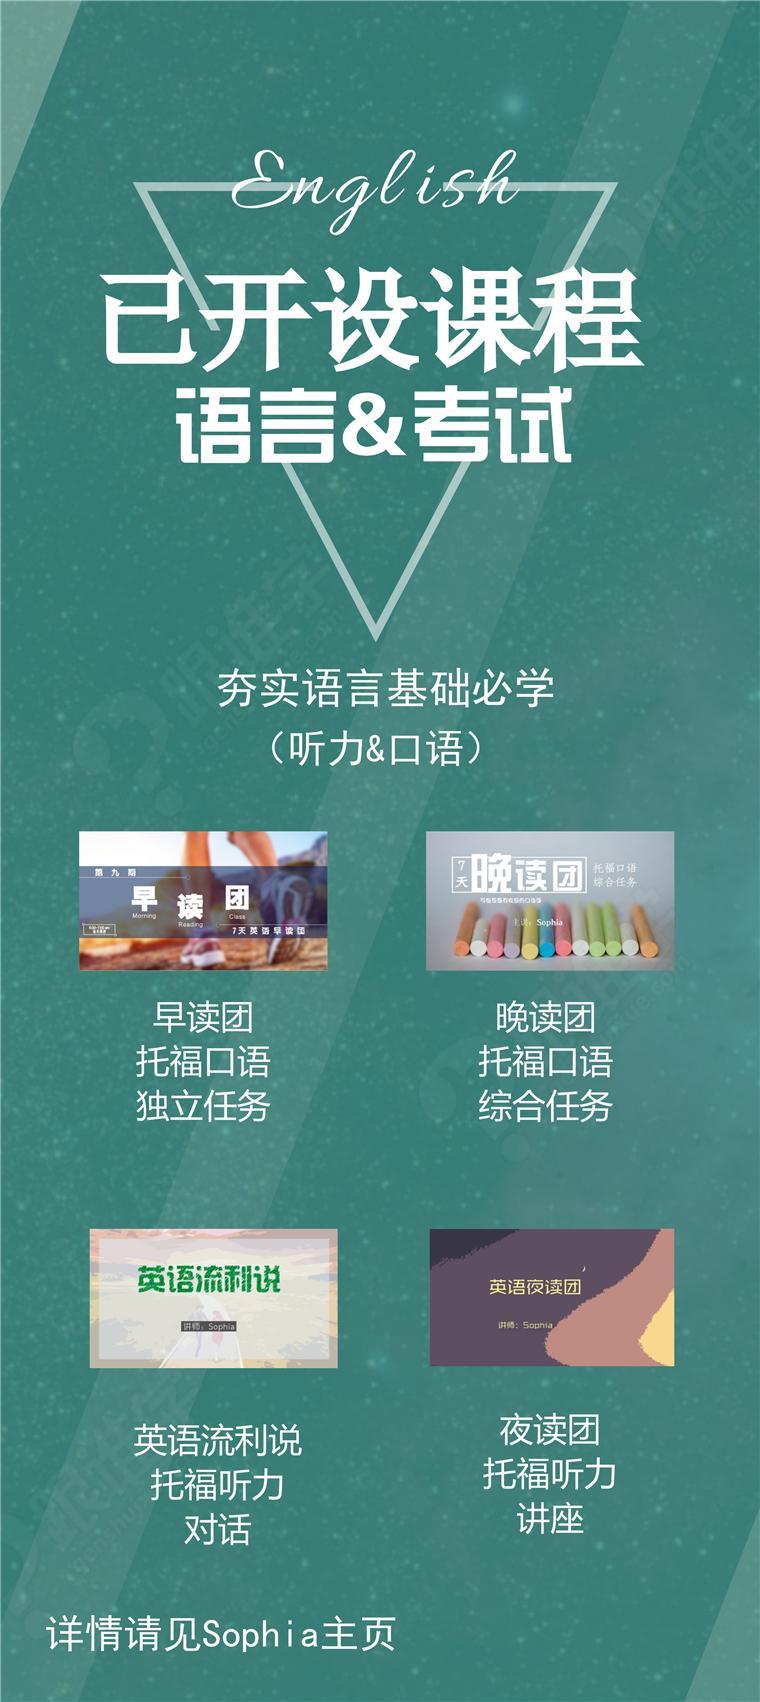 已开设课程-语言类.jpg